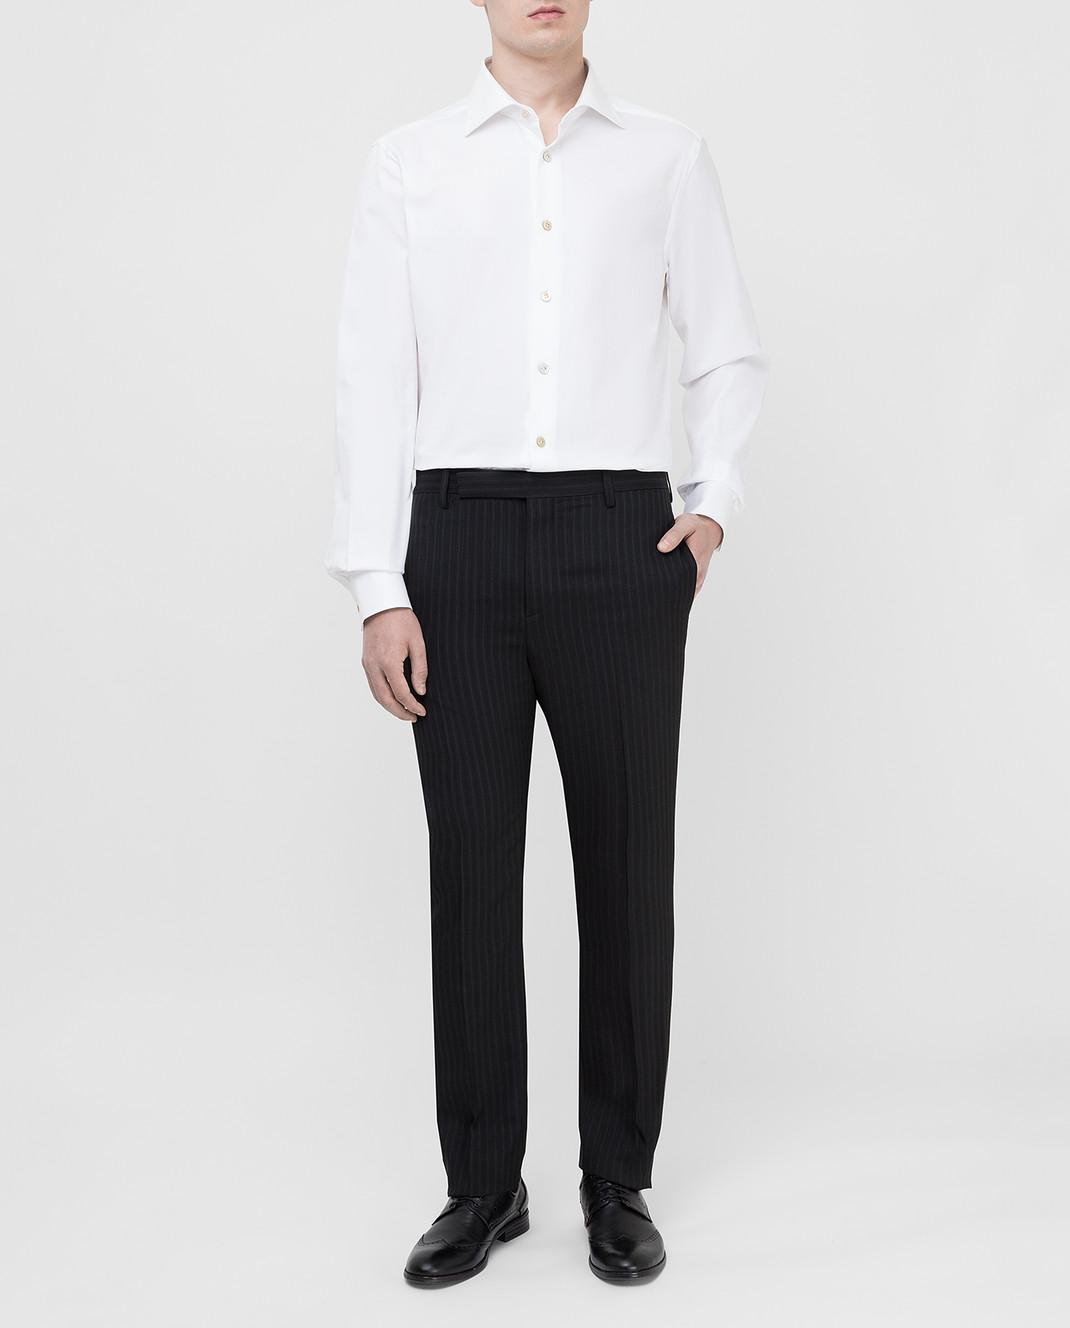 Saint Laurent Черные брюки 552560 изображение 2